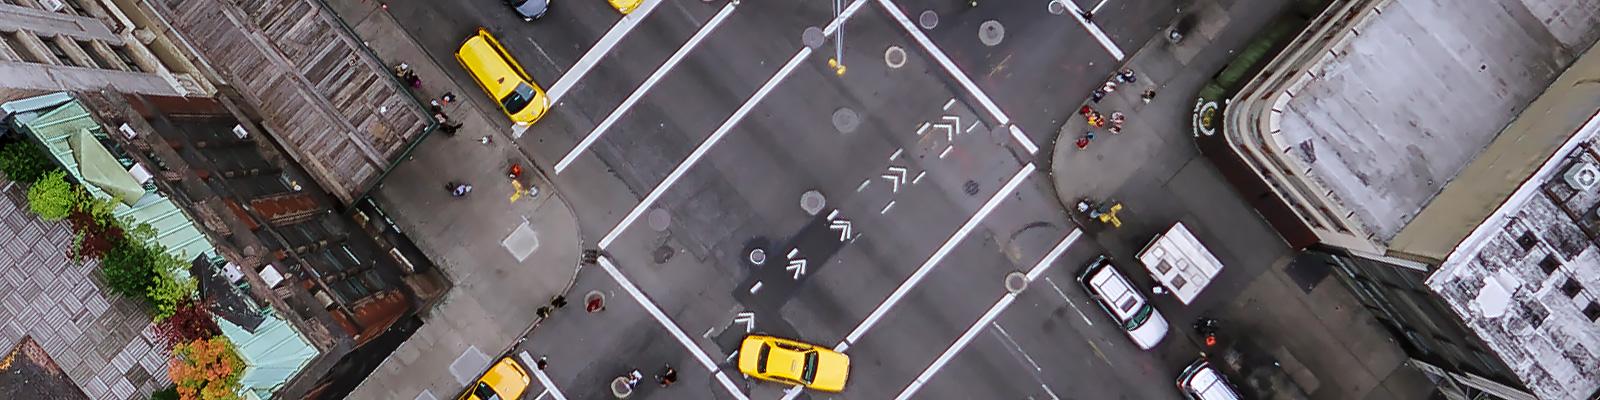 道路 自動車 タクシー